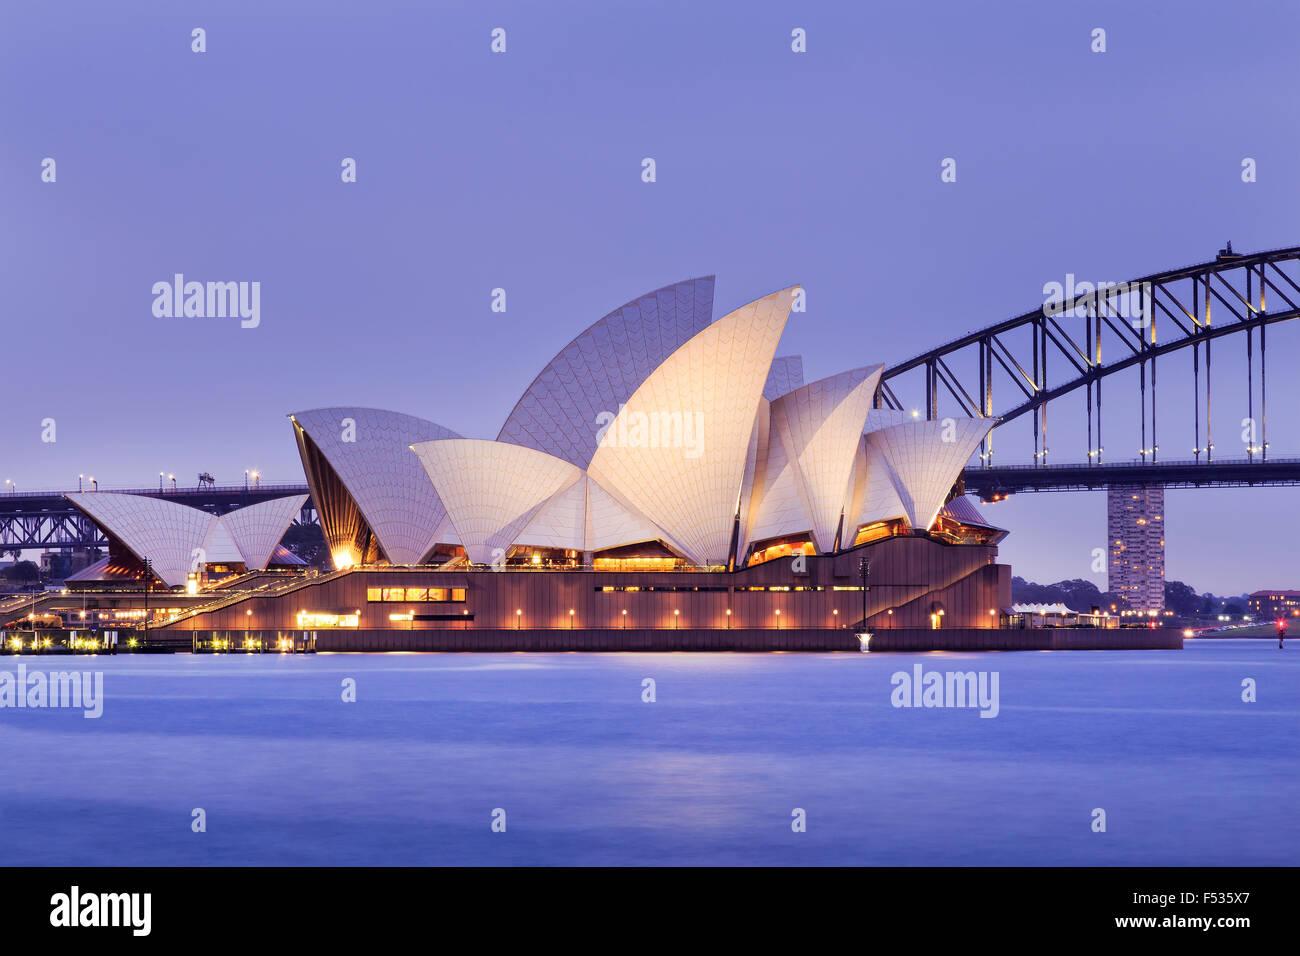 SYDNEY, Australia, el 10 de julio de 2015 - Sydney Opera House y el puente Harbour de Sydney al atardecer. Icónico Foto de stock